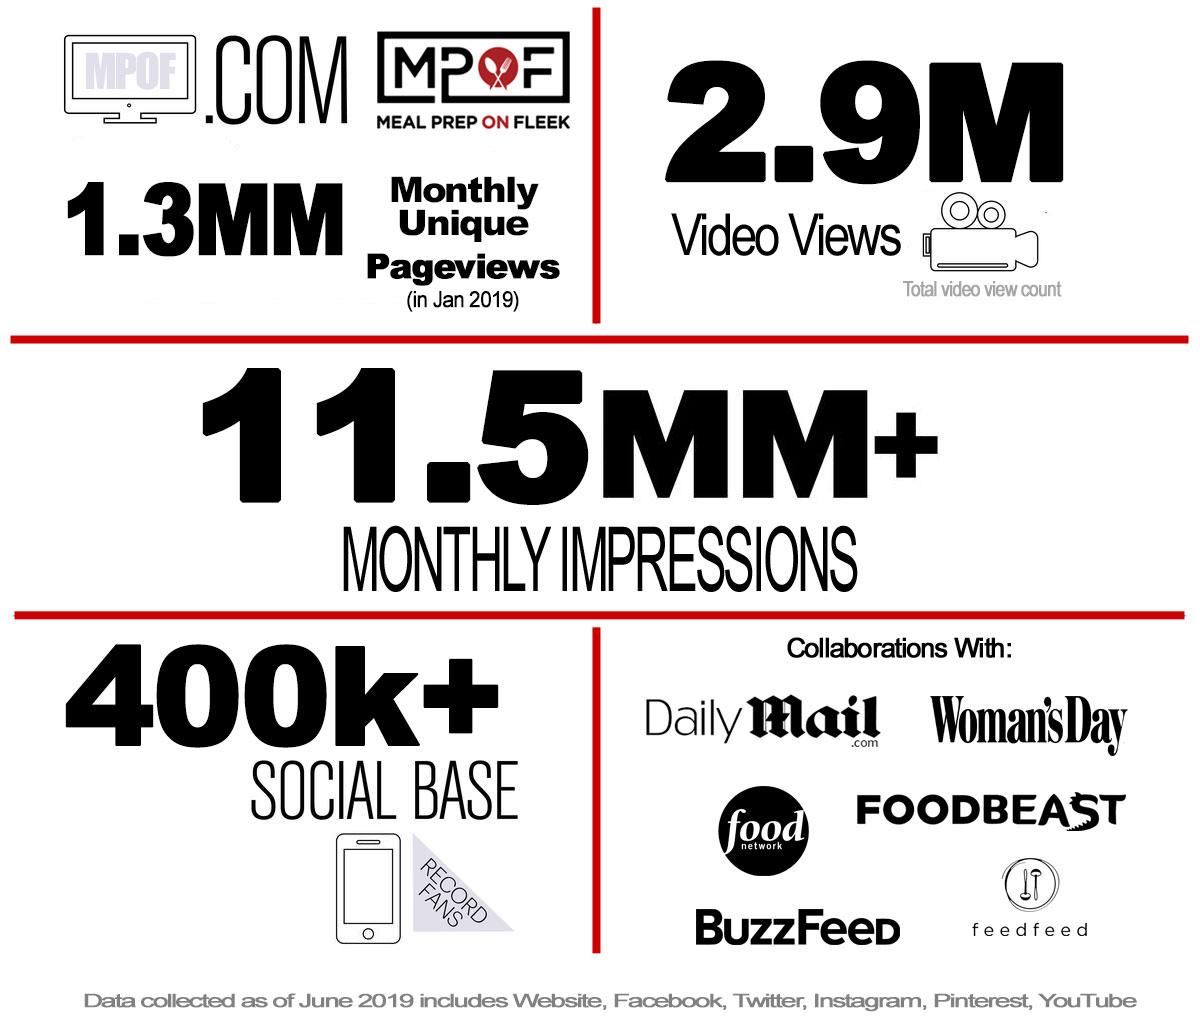 mpof media kit 2019